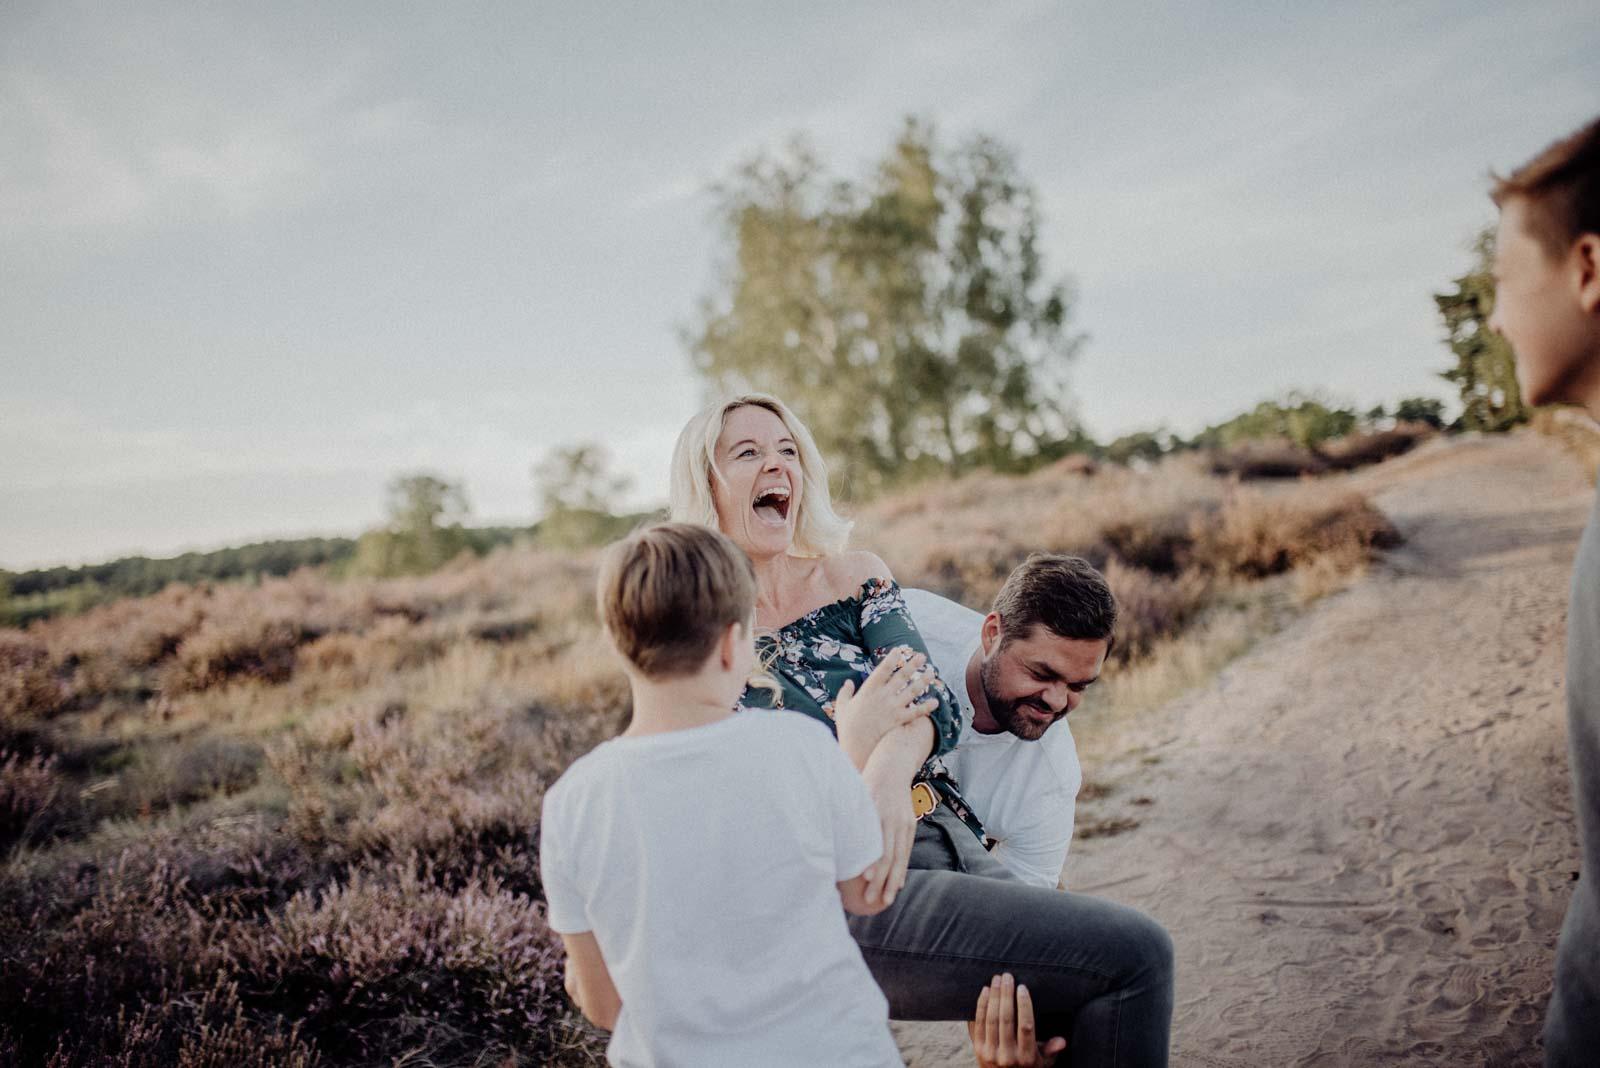 028-Familienfotos-Familienreportage-Heideshooting-natürlich-Heide